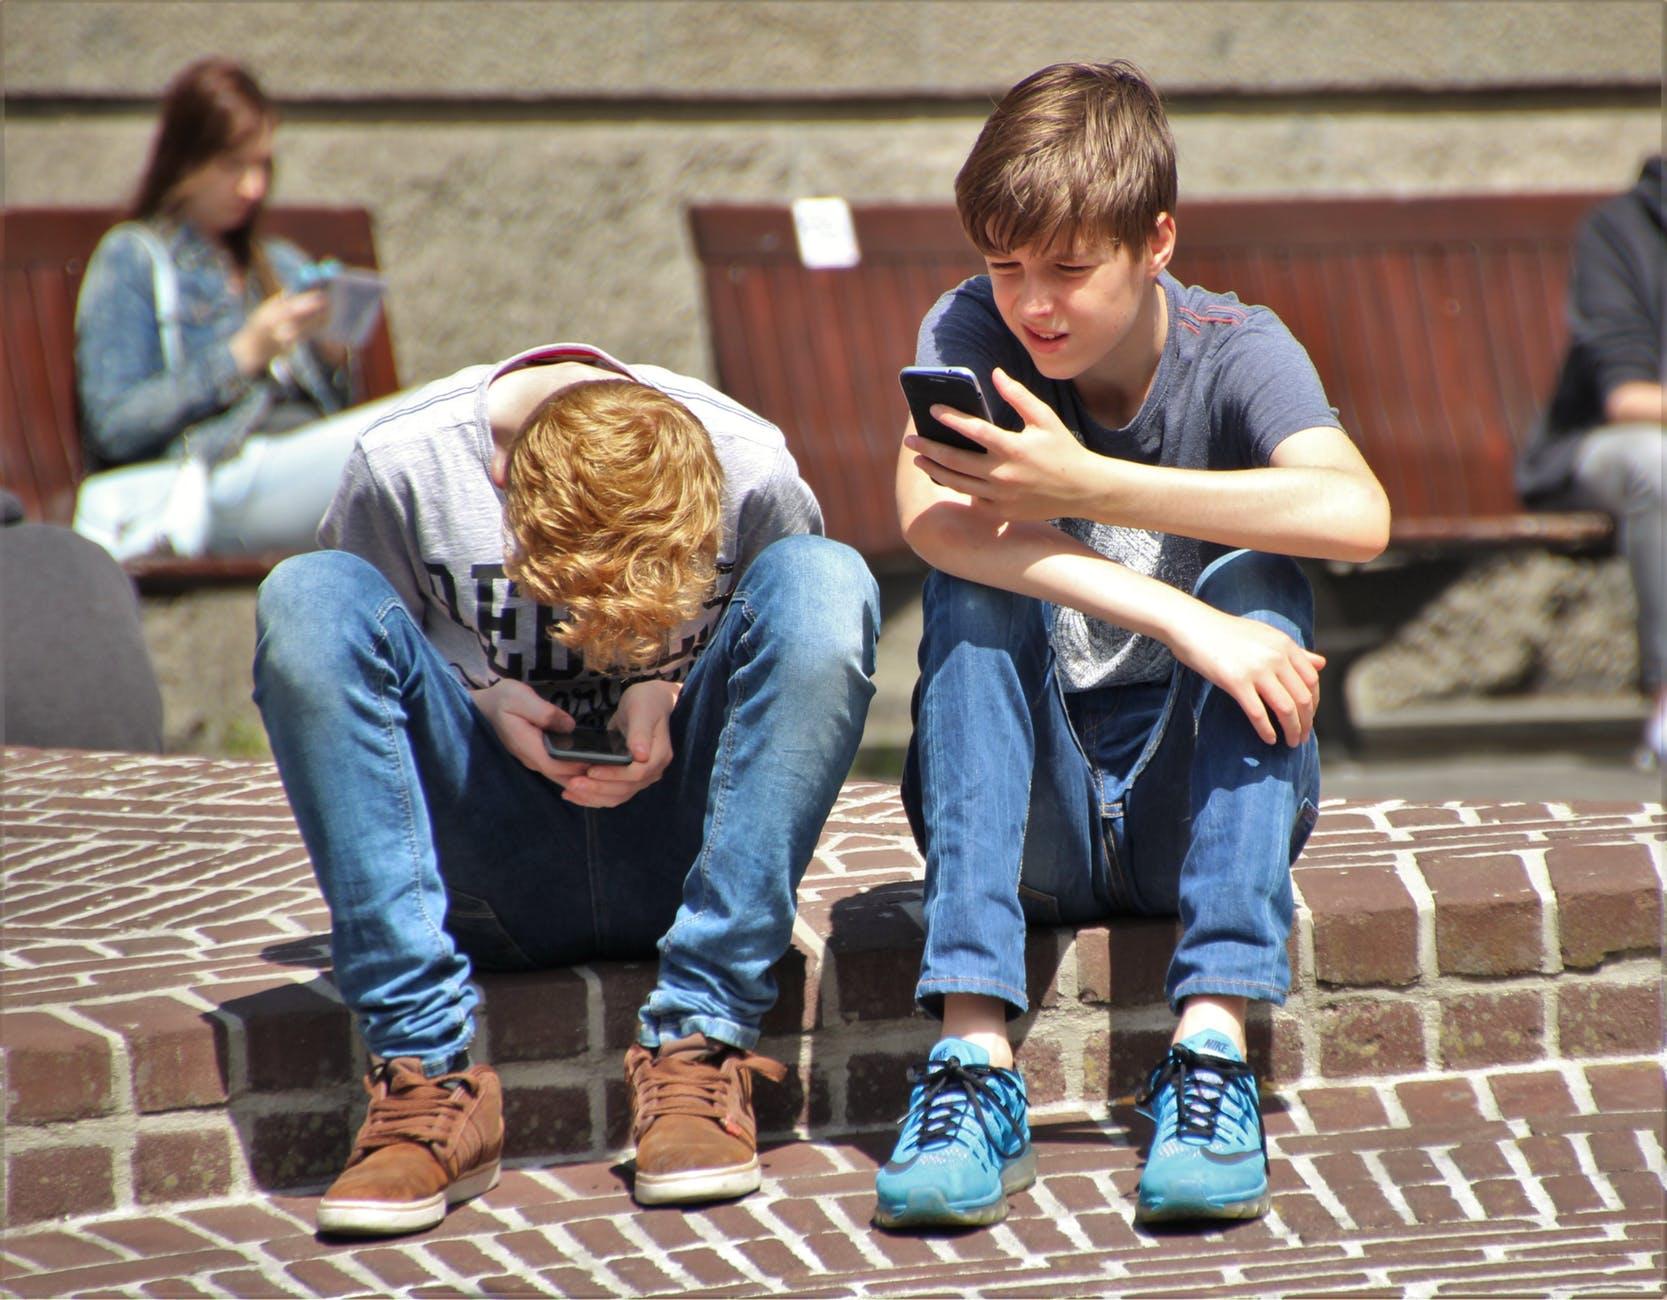 Ilustrasi: Anak bermain gadget